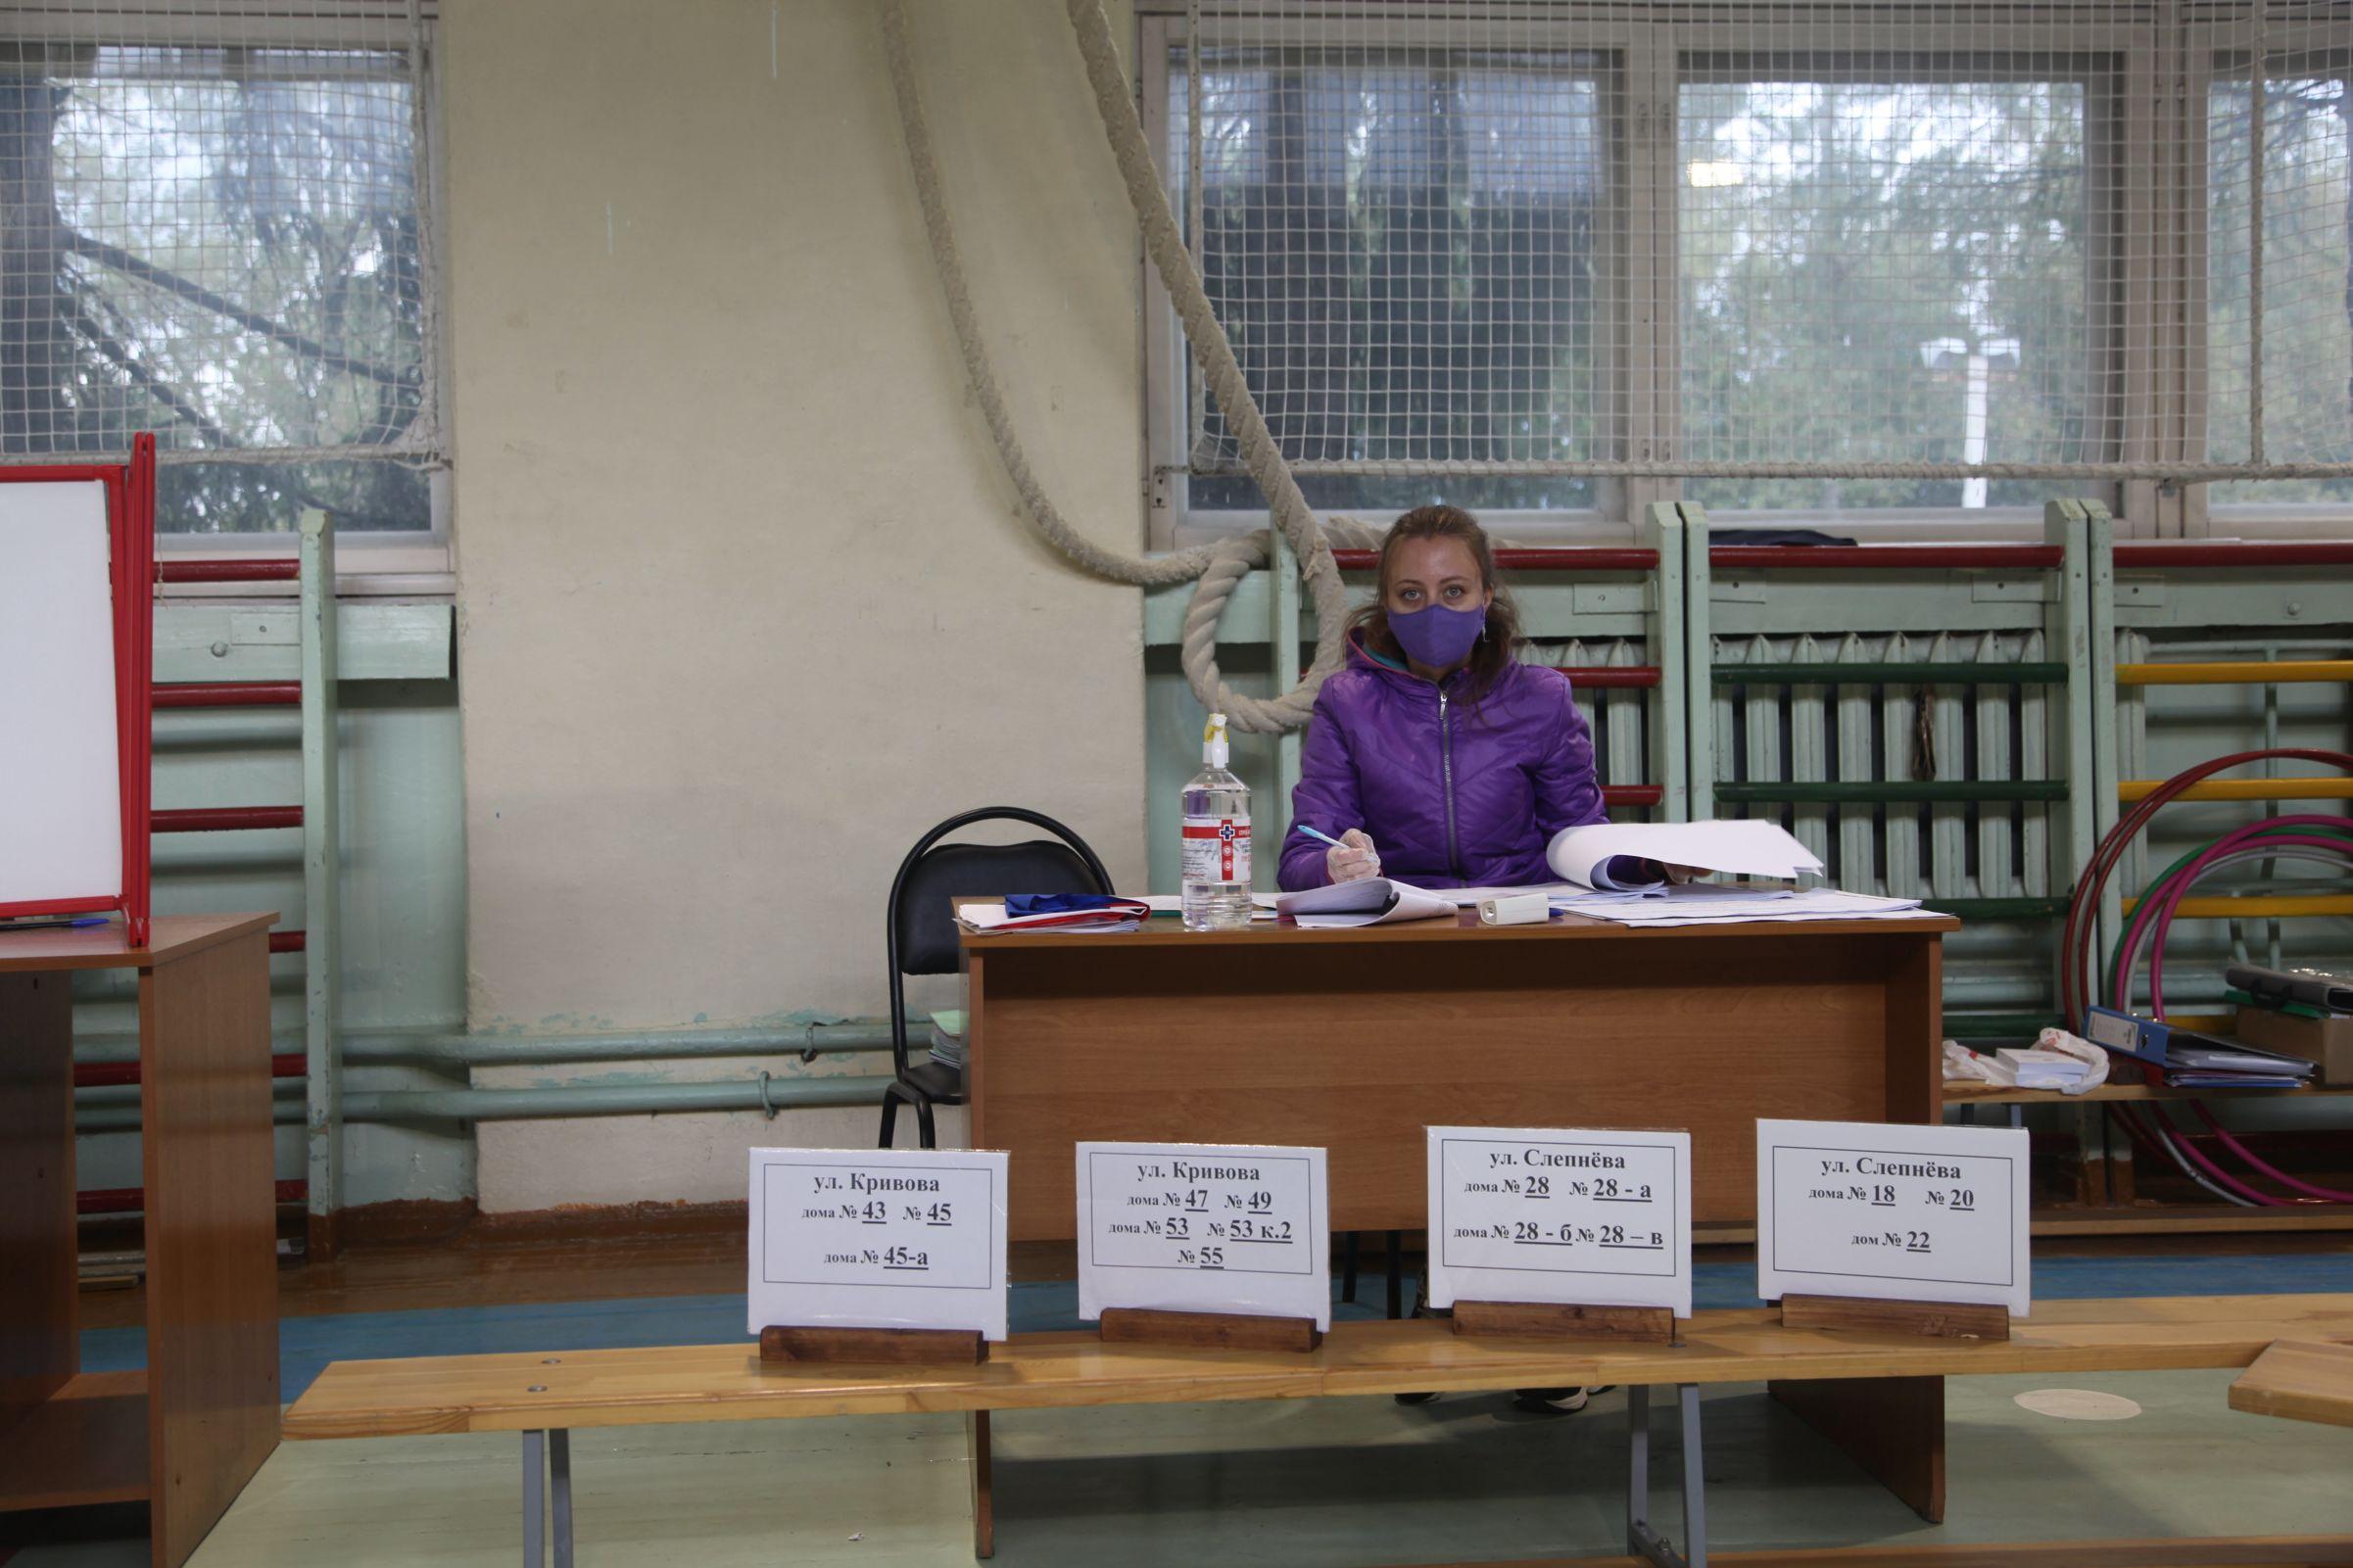 Глава областного избиркома: «Жалоб и нареканий на работу избирательных комиссий не поступало»